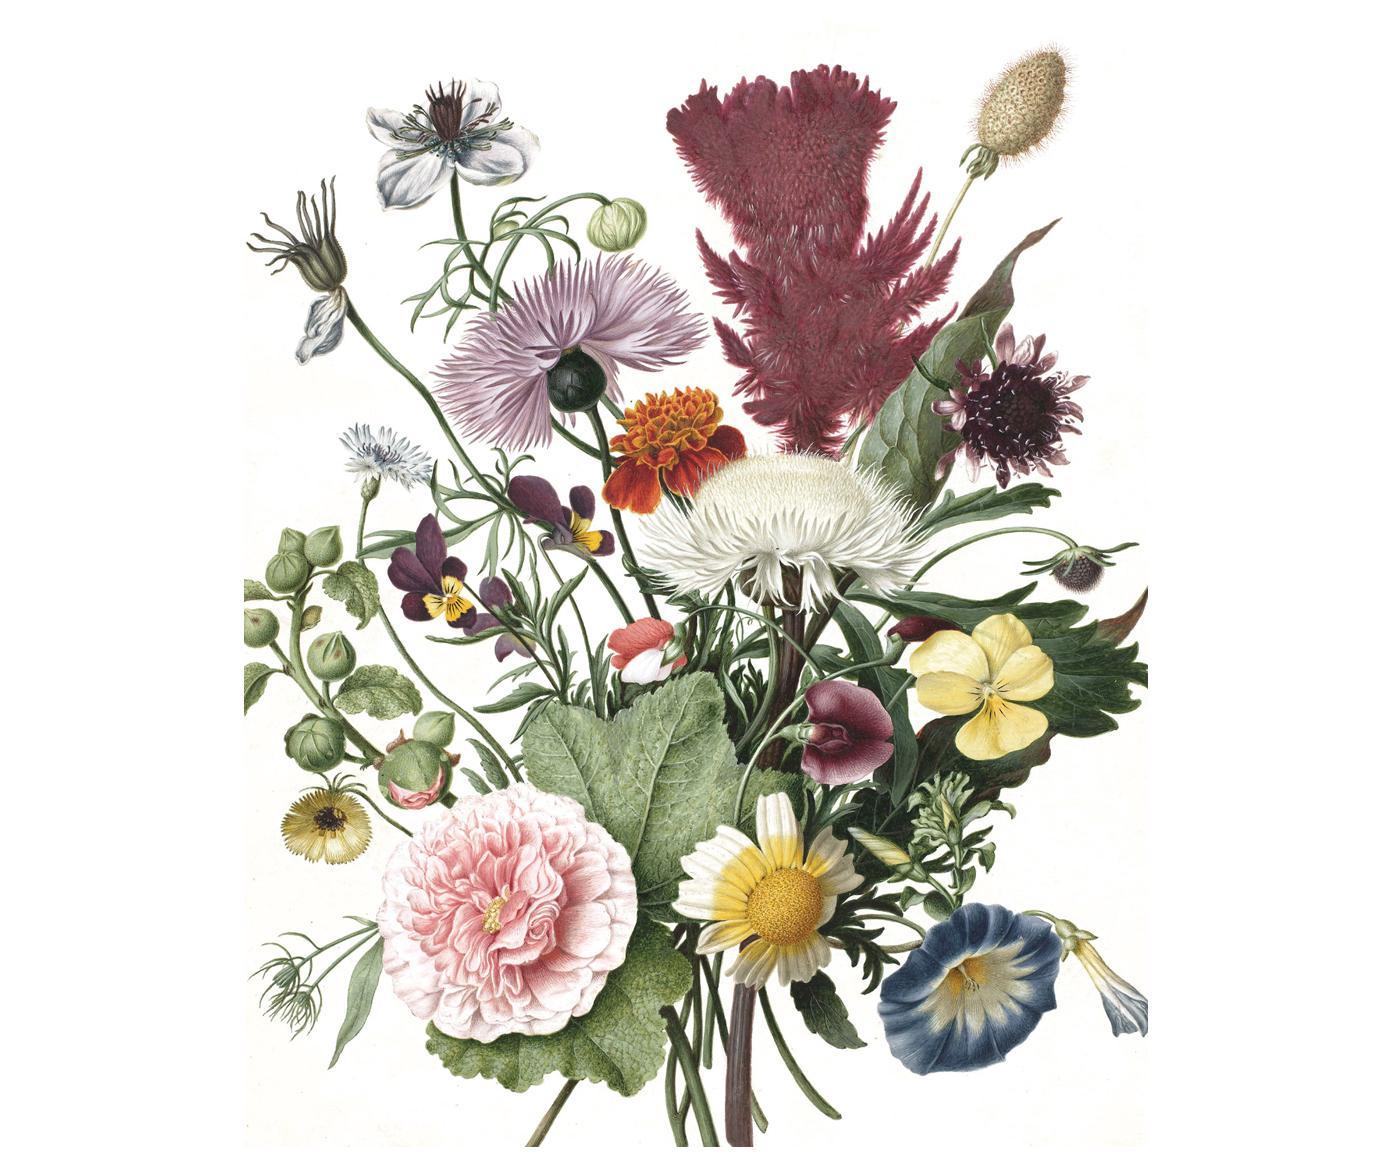 Adesivo murale Wild Flowers, Vello opaco, ecologica e biodegradabile, Multicolore, Larg. 142 x Alt. 180 cm